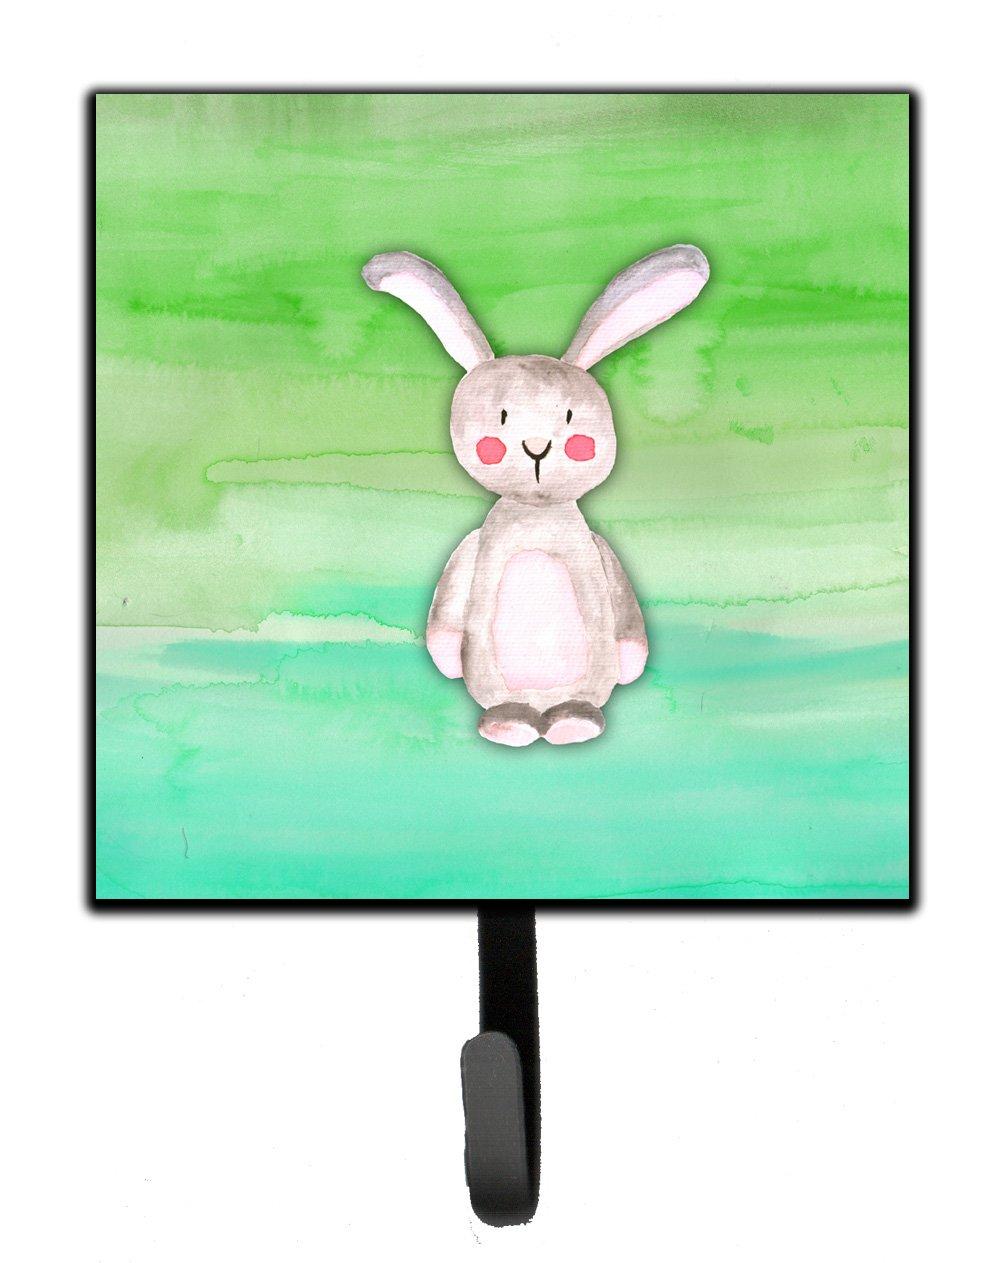 Carolines Treasures Bunny Rabbit Watercolor Wall Hook Small Multicolor